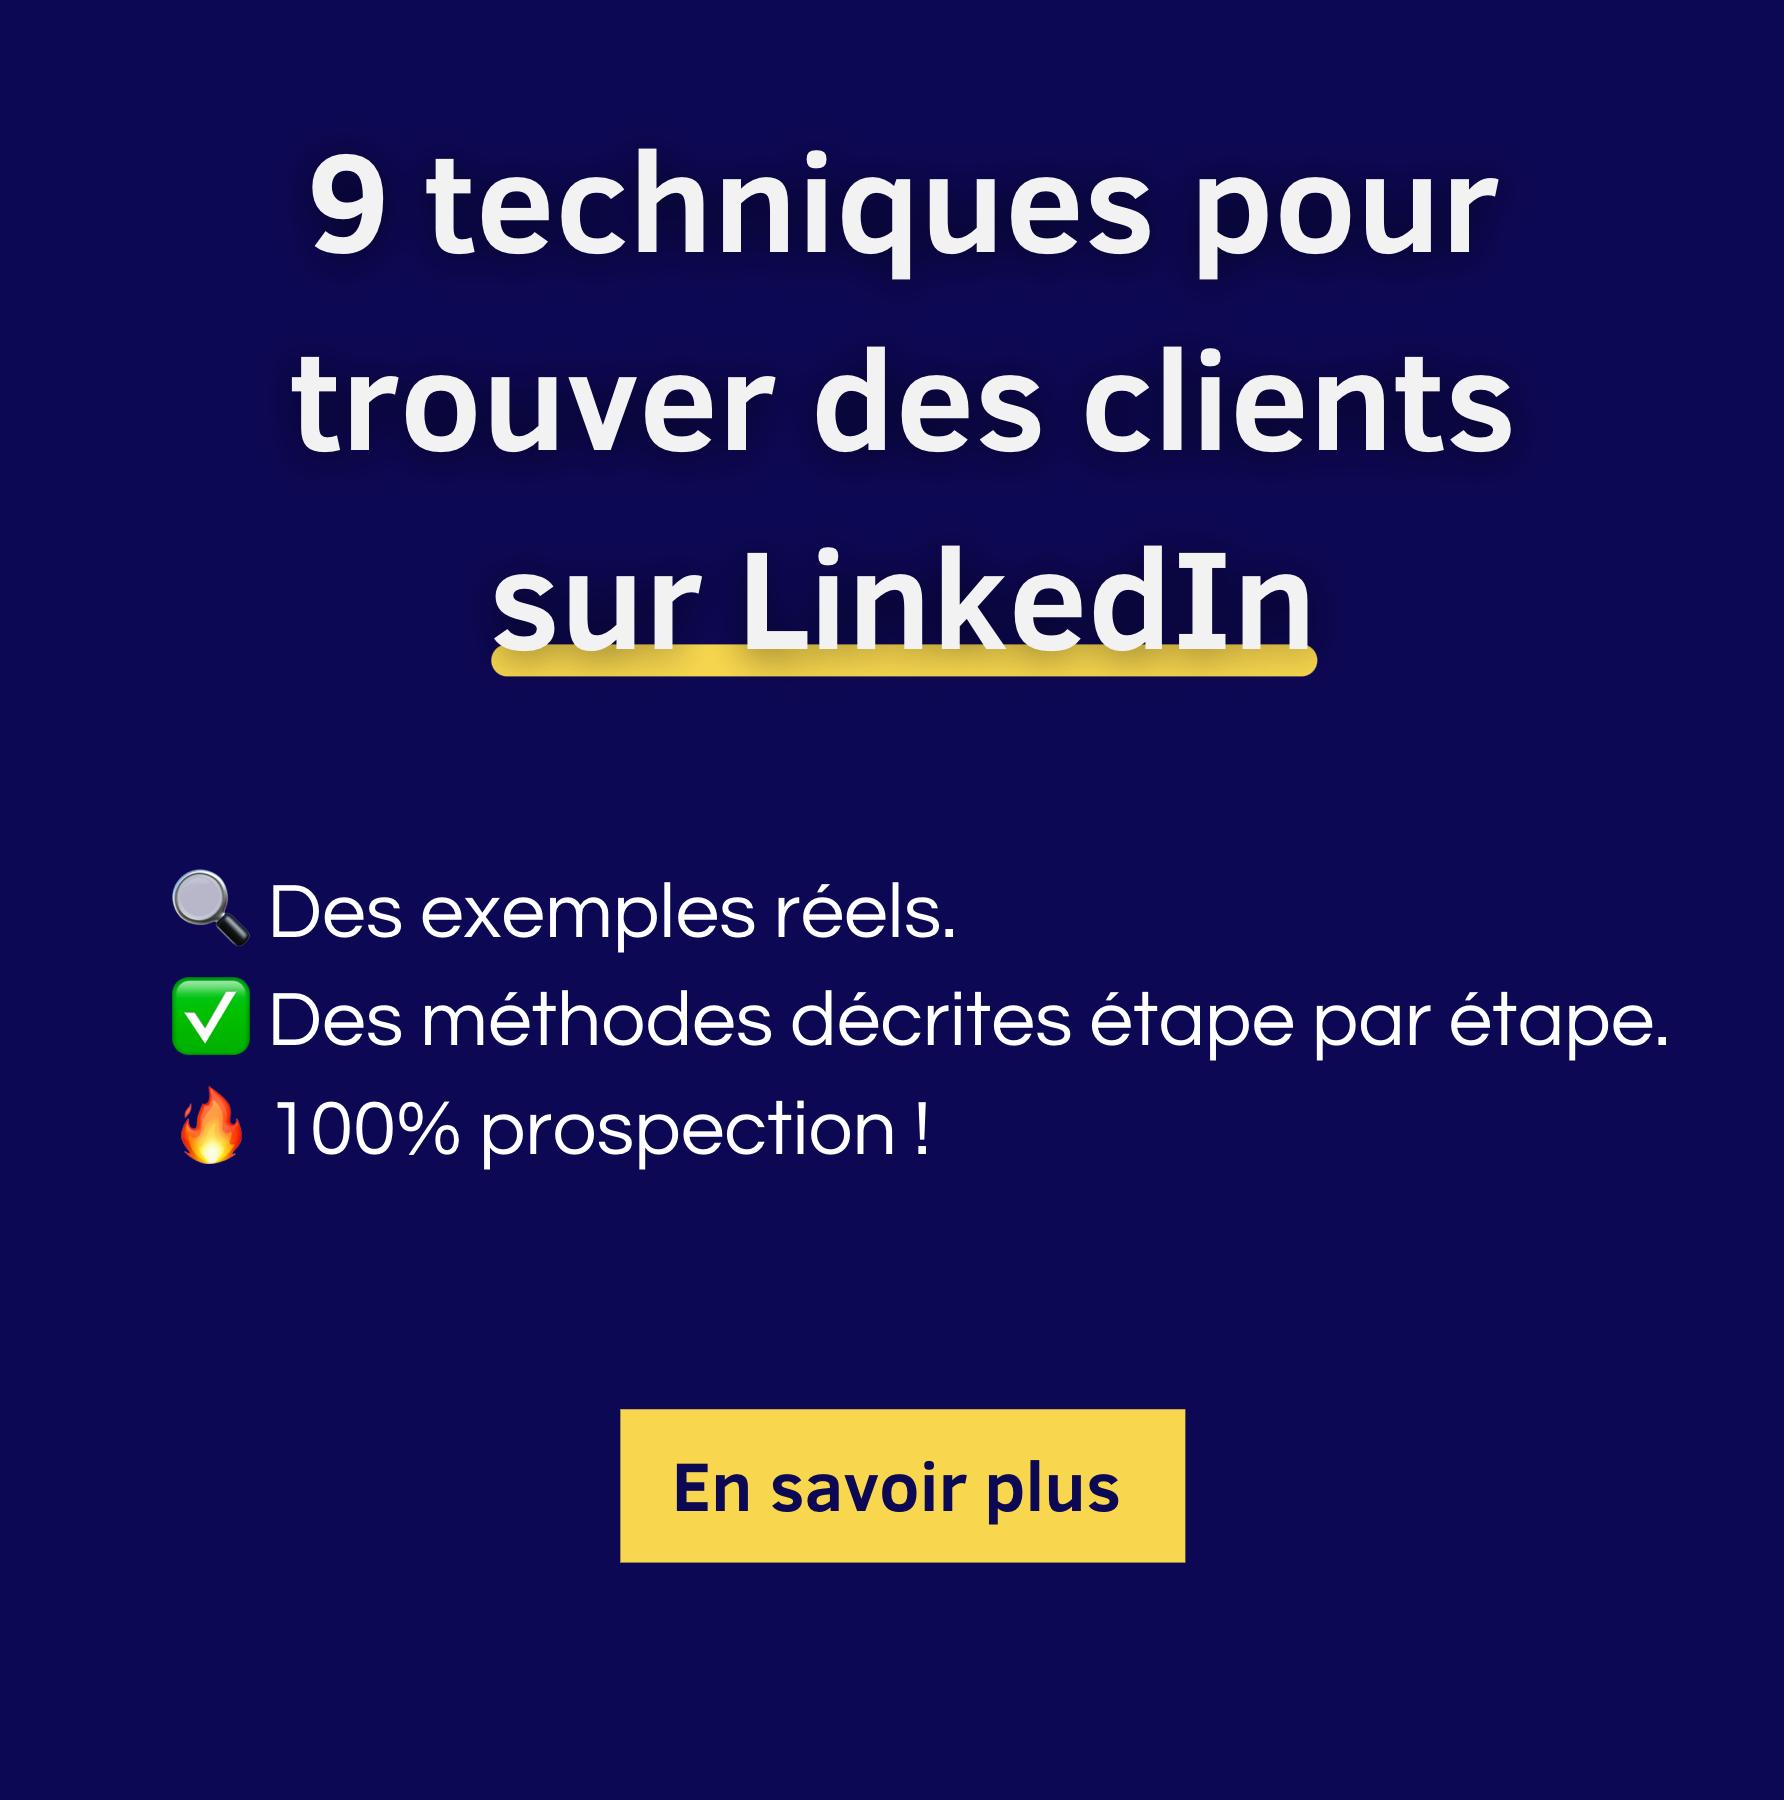 9 techniques de prospection pour LinkedIn